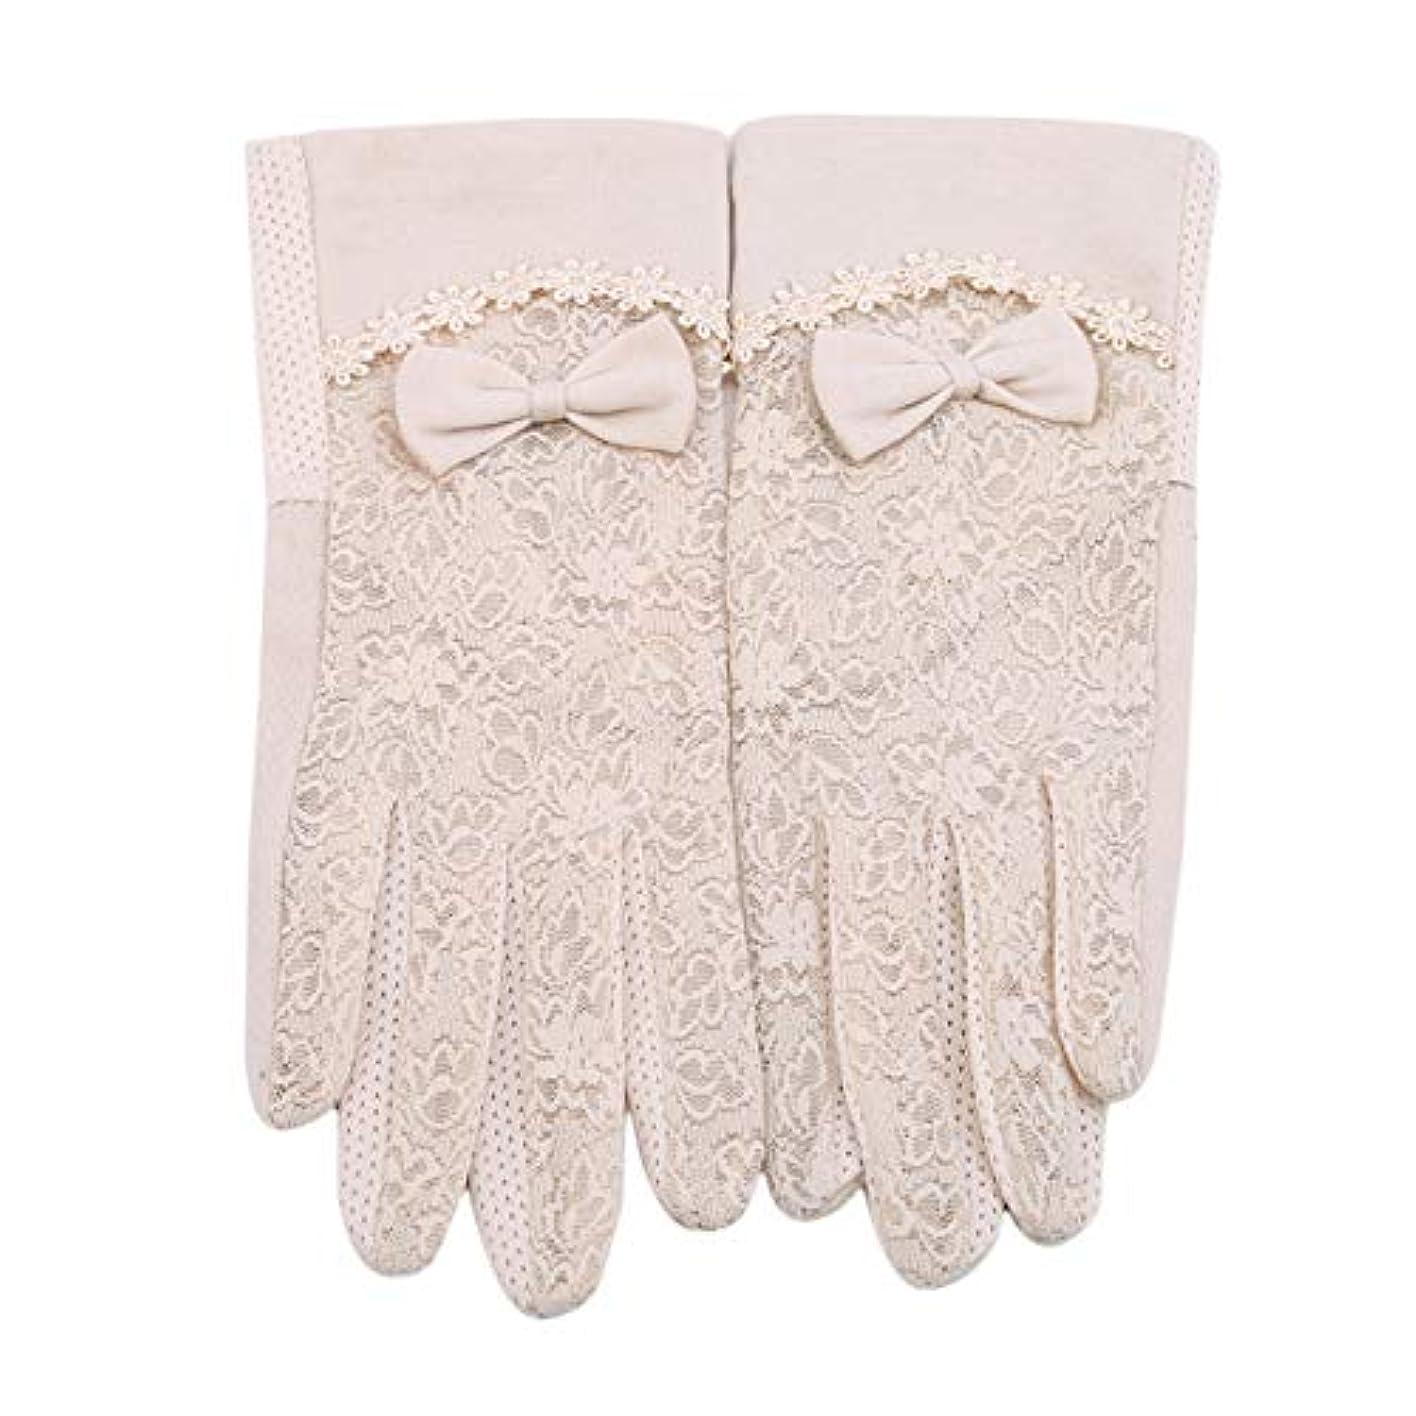 若さショッピングセンターがっかりしたMODMHB 手袋 UVカット 手触りが良い 紫外線カット 日焼け防止 ハンド ケア 手荒い対策 保湿 保護 抗菌 防臭